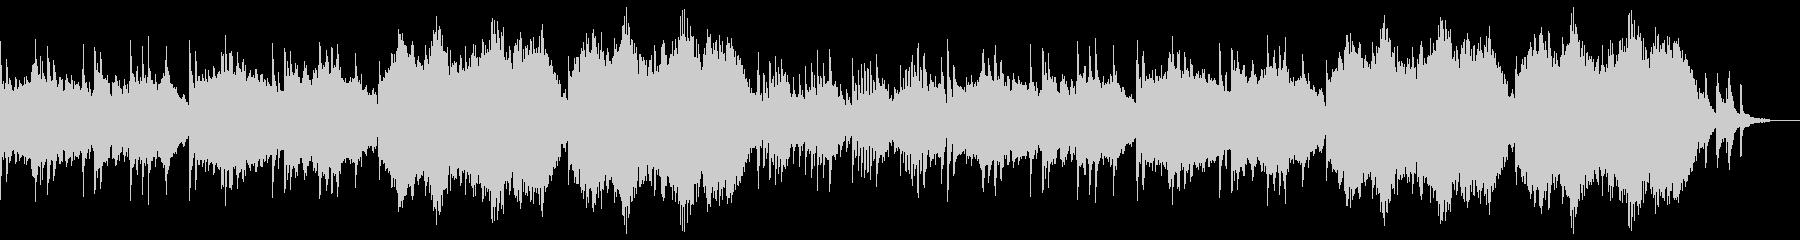 静かに盛り上げる感動的なシネマティクシンの未再生の波形